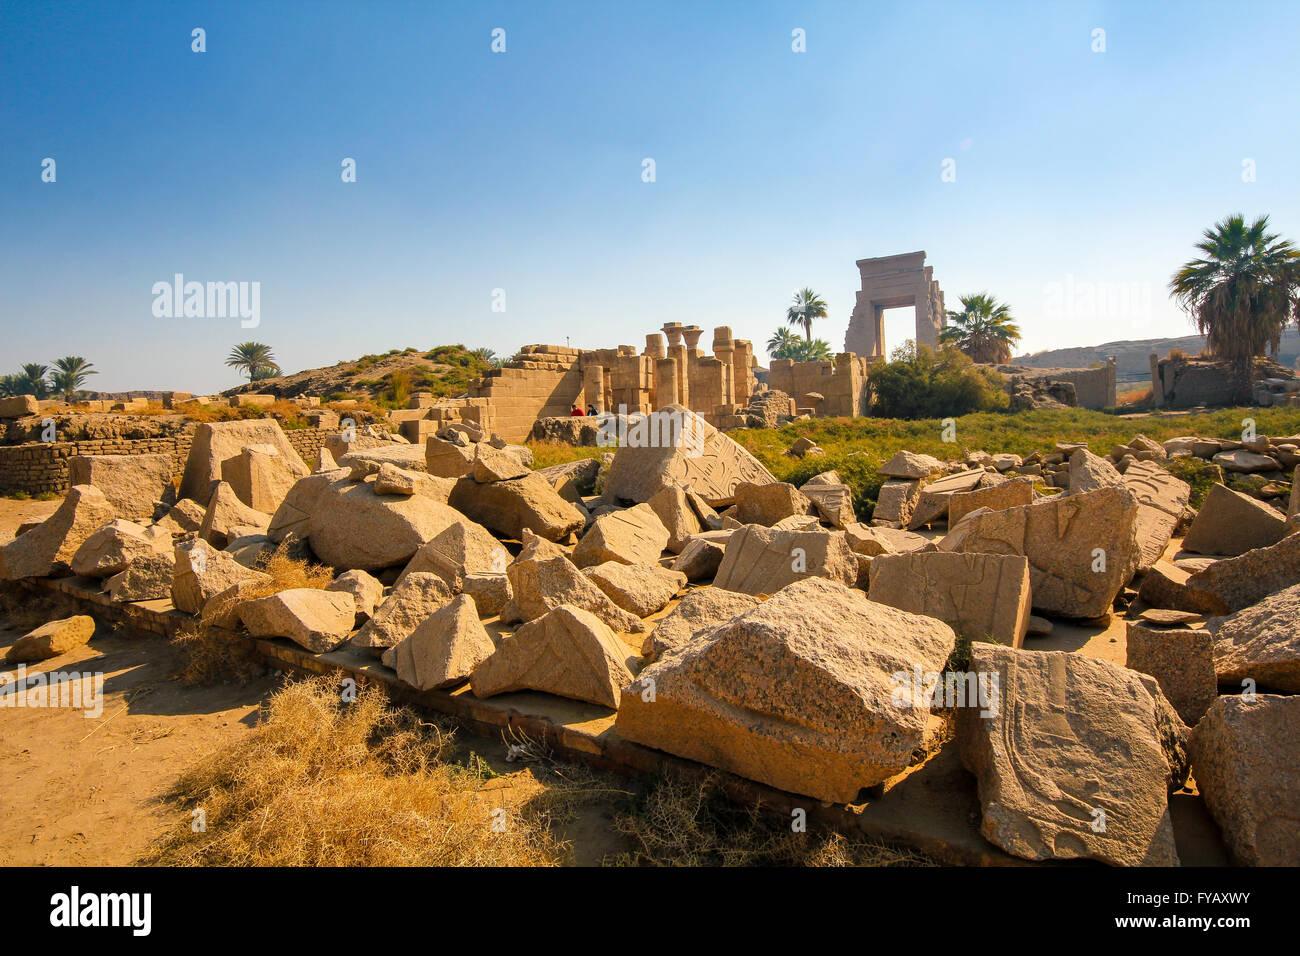 Karnak Temple, Luxor, Egypt, Africa - Stock Image